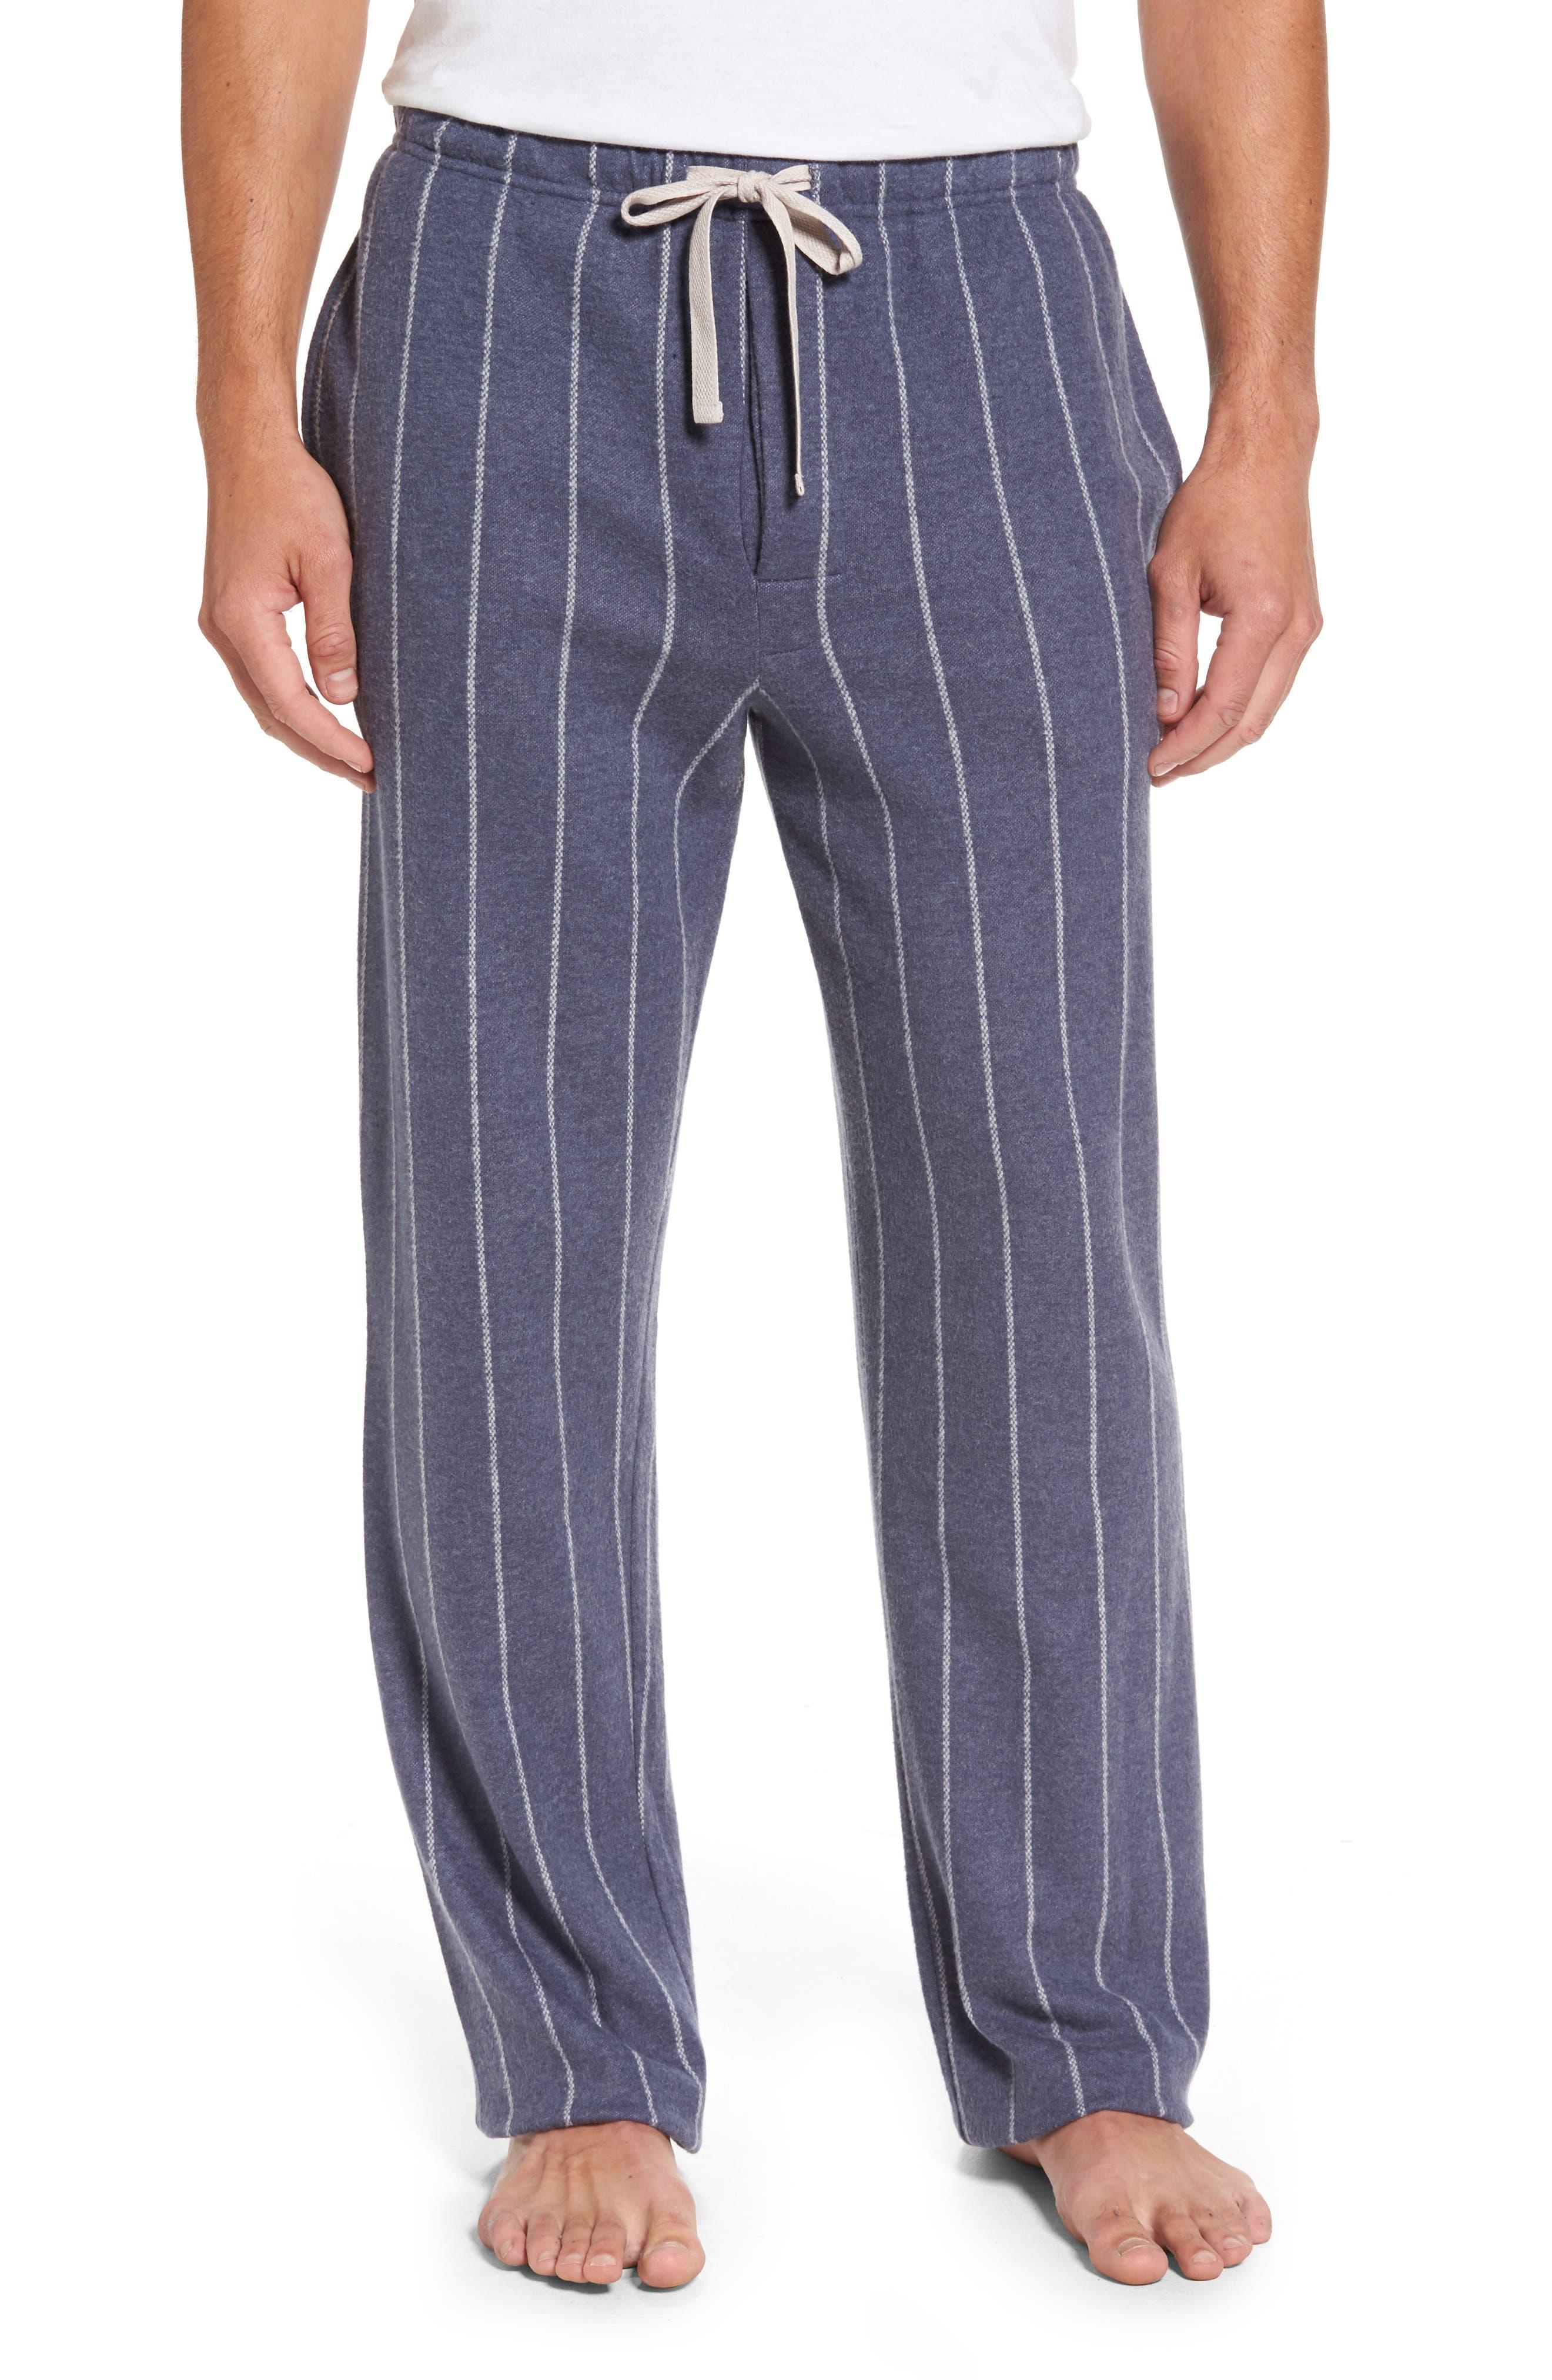 Majestic International Grayson Lounge Pants